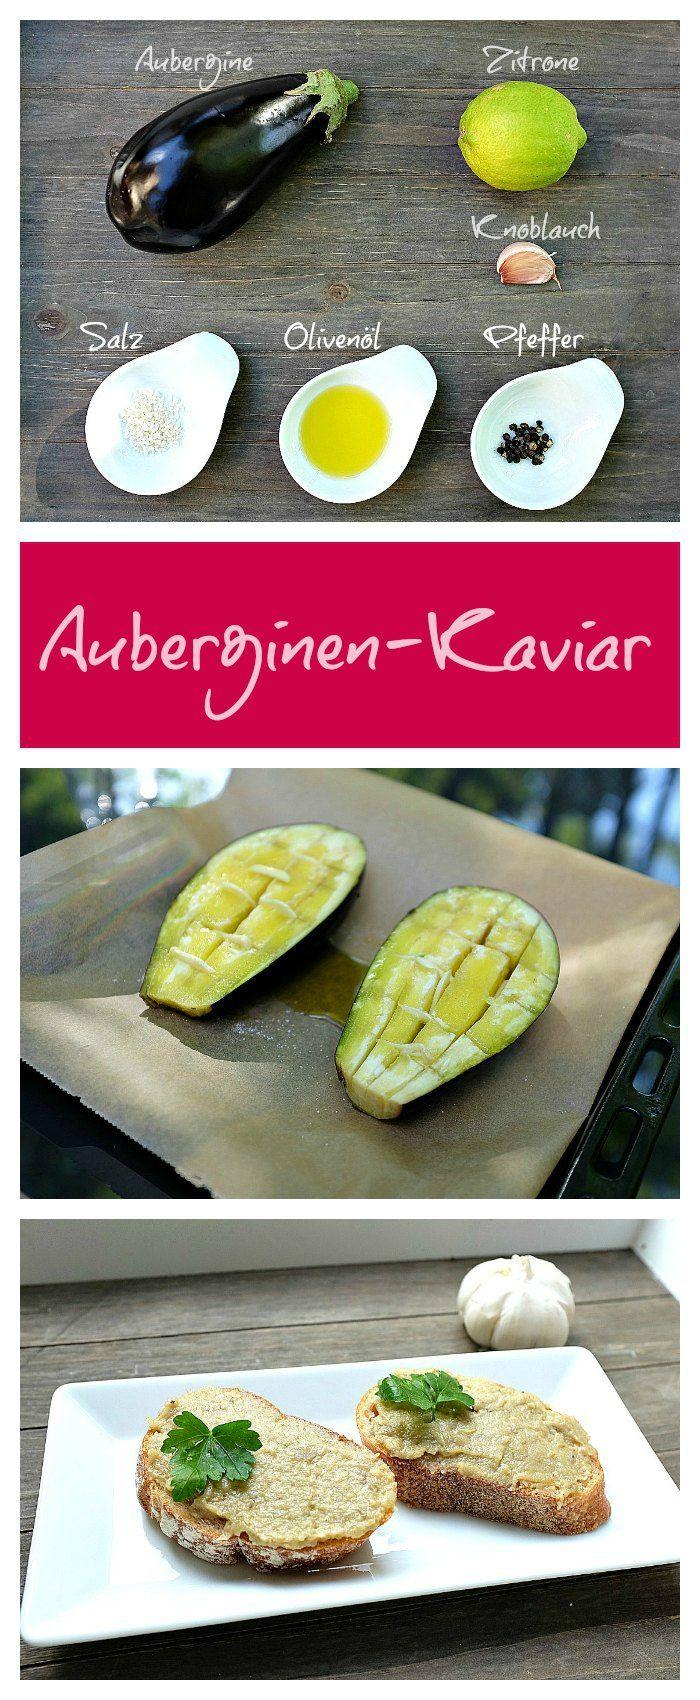 Auberginen-Kaviar schmeckt wunderbar nach gebackener Aubergine und geröstetem Knoblauch, mit einem Hauch von Zitrone. Ein Fest für die Sinne.